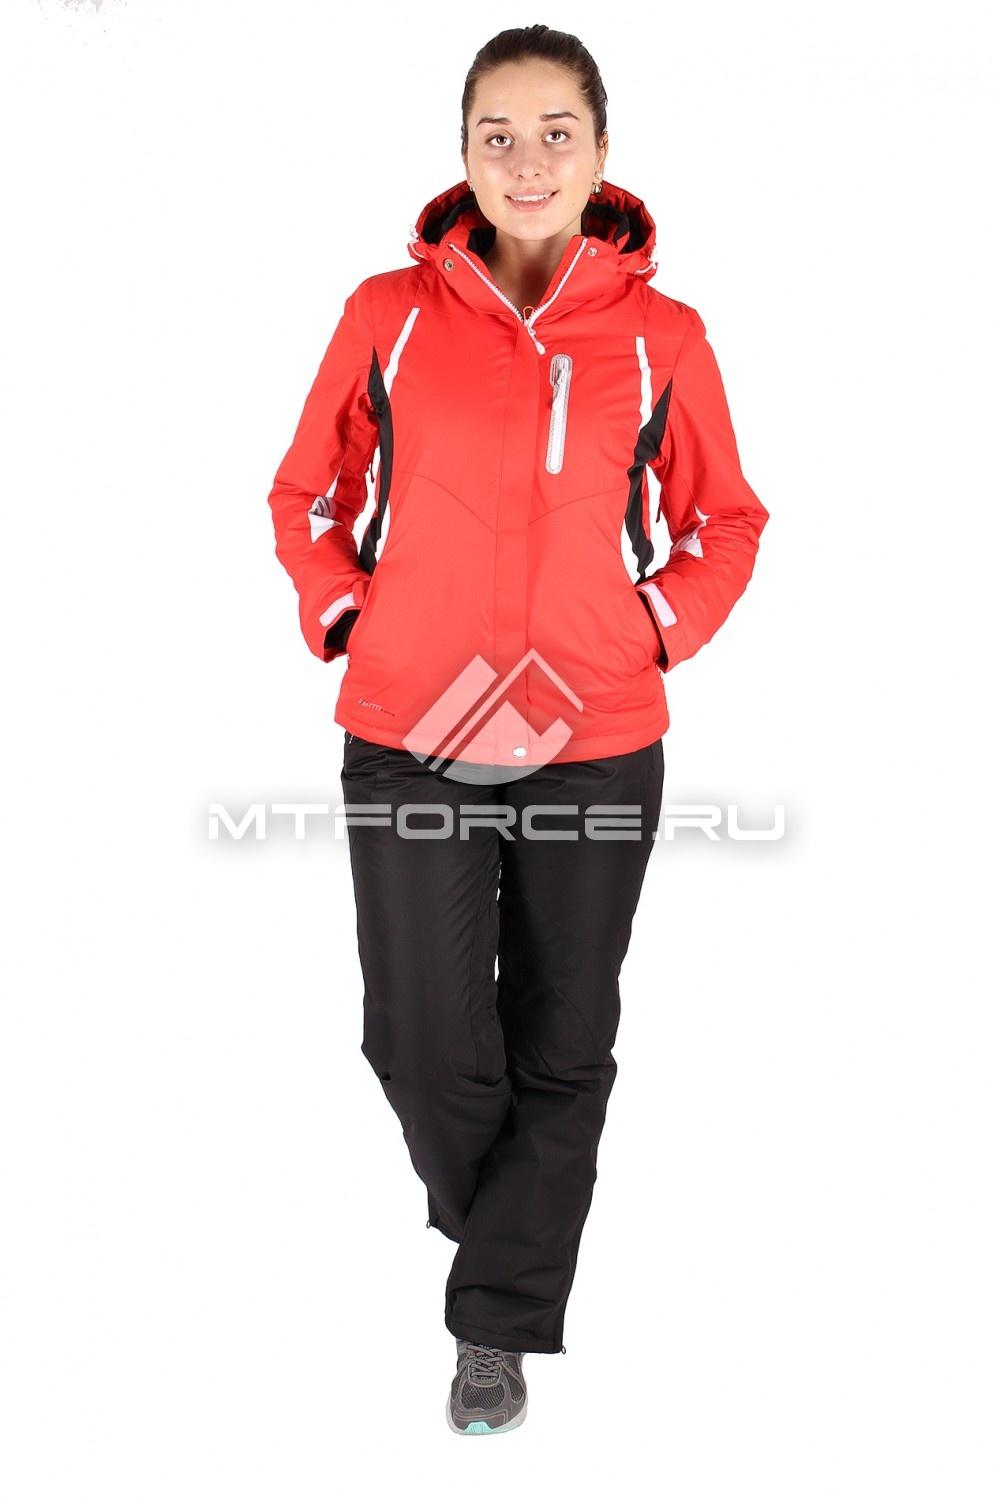 Купить                                  оптом Костюм горнолыжный женский красного цвета 01516Kr